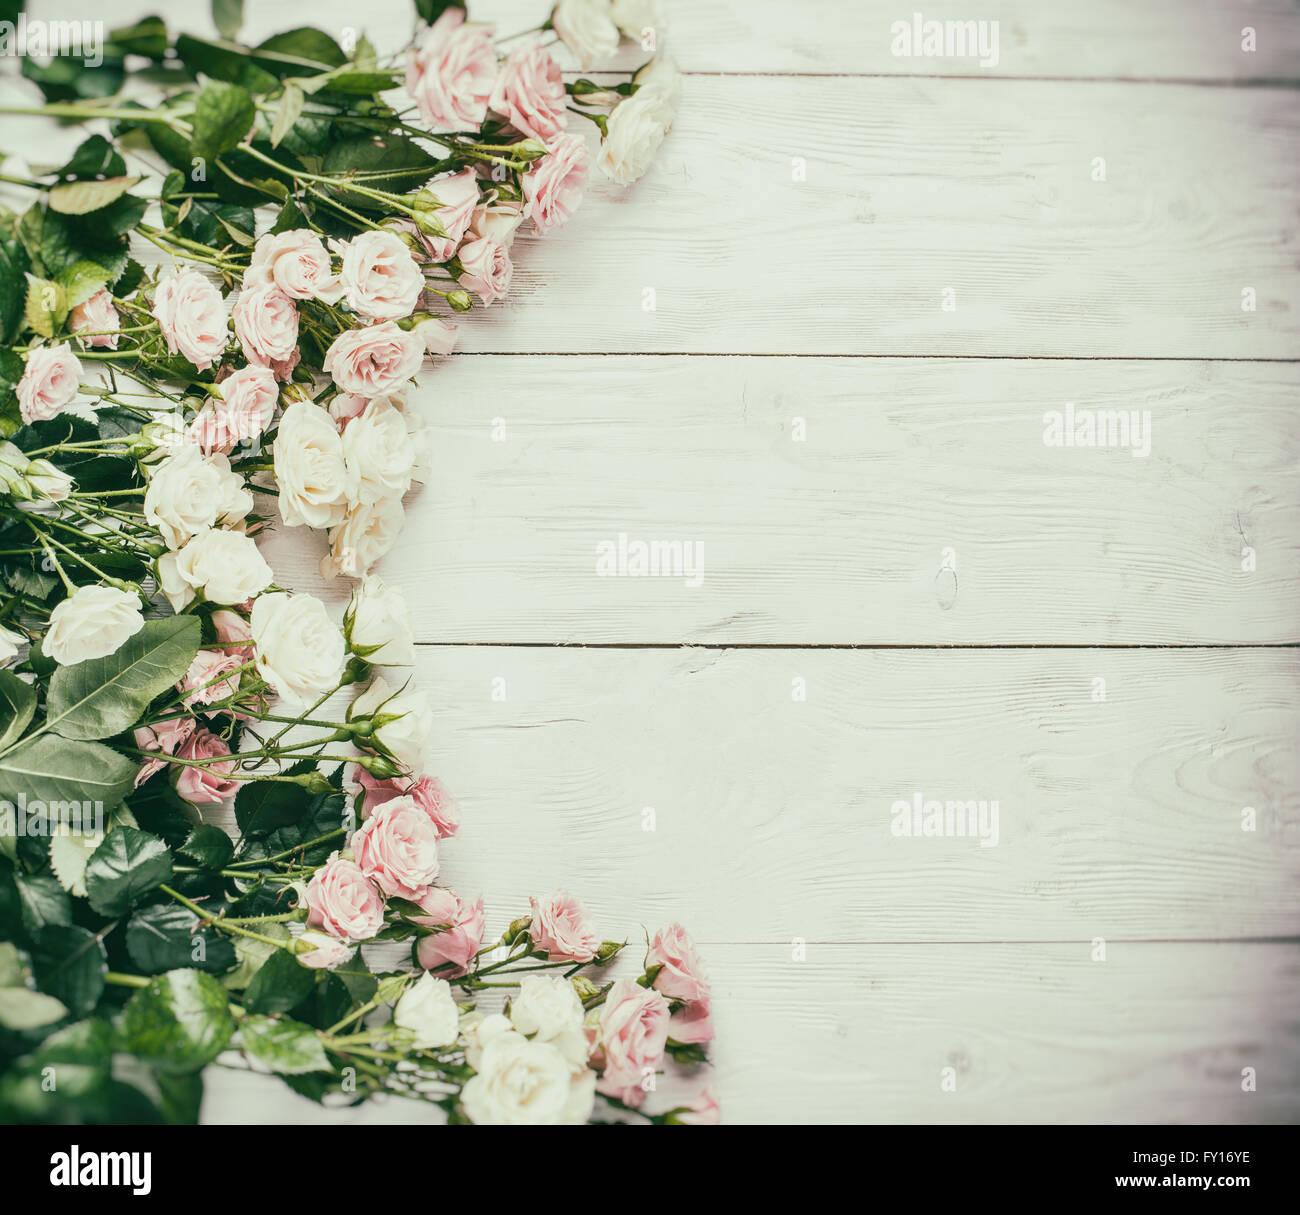 zarte frische rosen auf dem wei en hintergrund aus holz vintage stil stockfoto bild 102674978. Black Bedroom Furniture Sets. Home Design Ideas